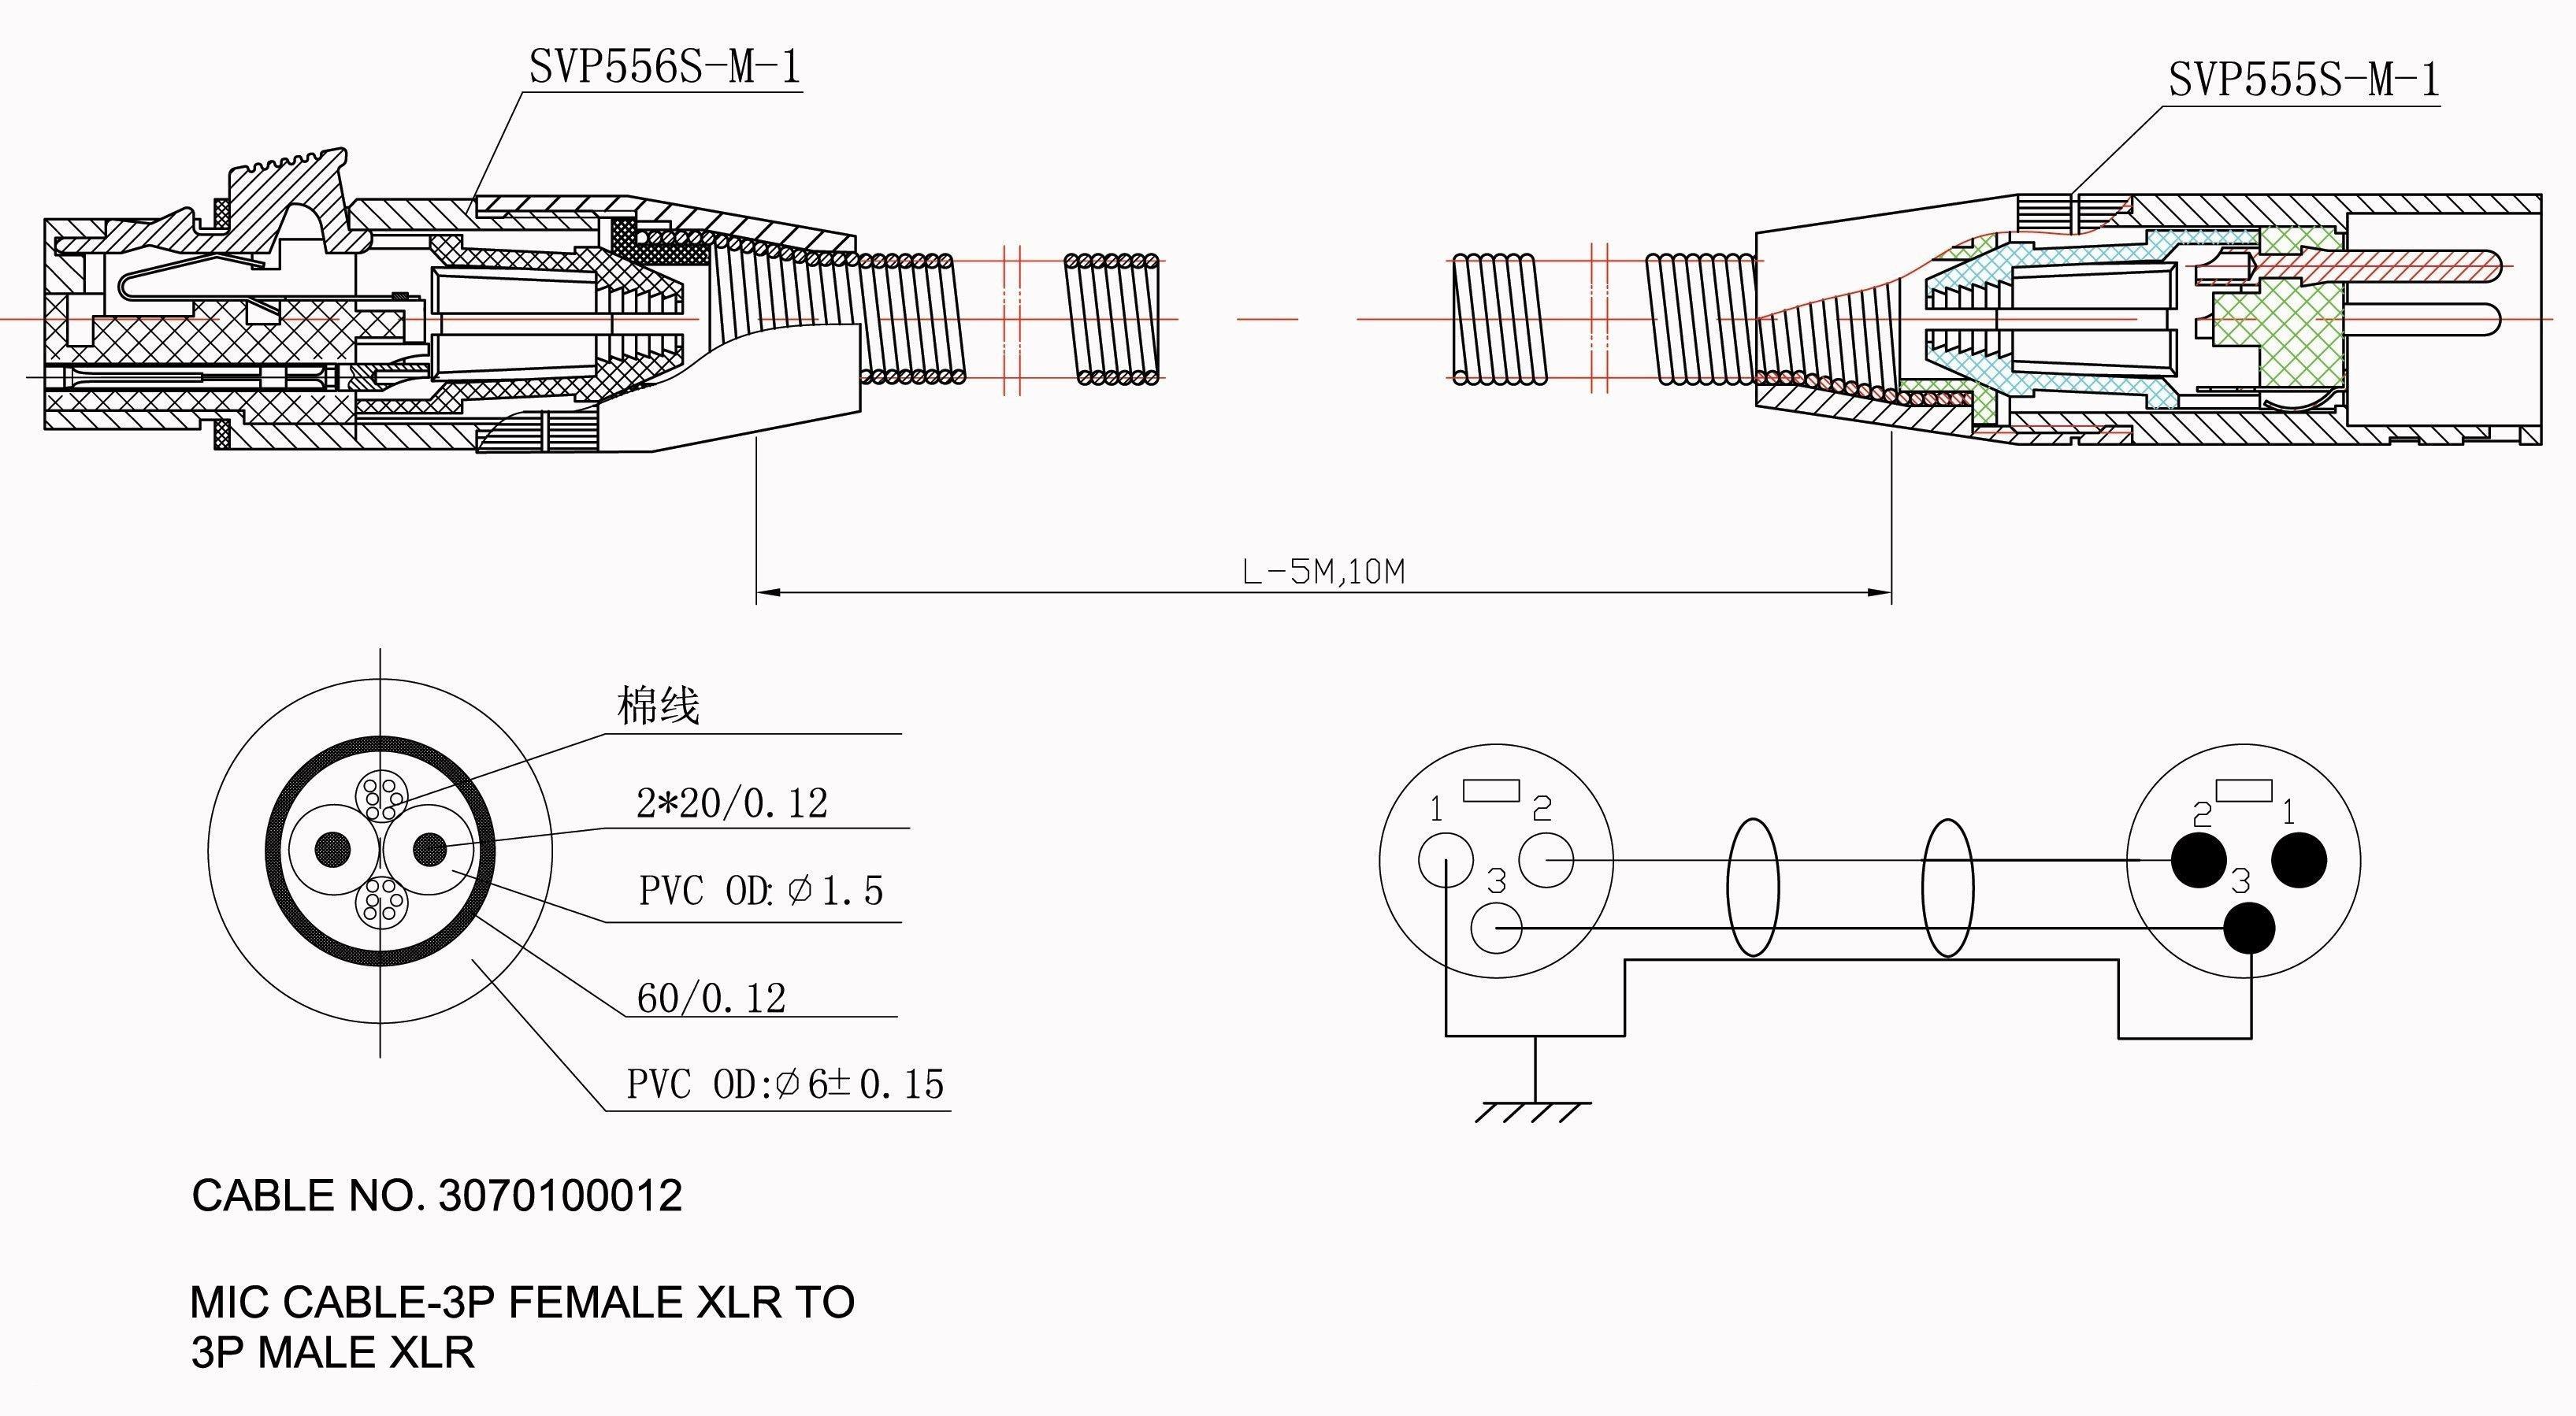 Pt Cruiser Wiring Diagram Unique Citroen Dispatch Glow Plug Relay Wiring Diagram Of Pt Cruiser Wiring Diagram